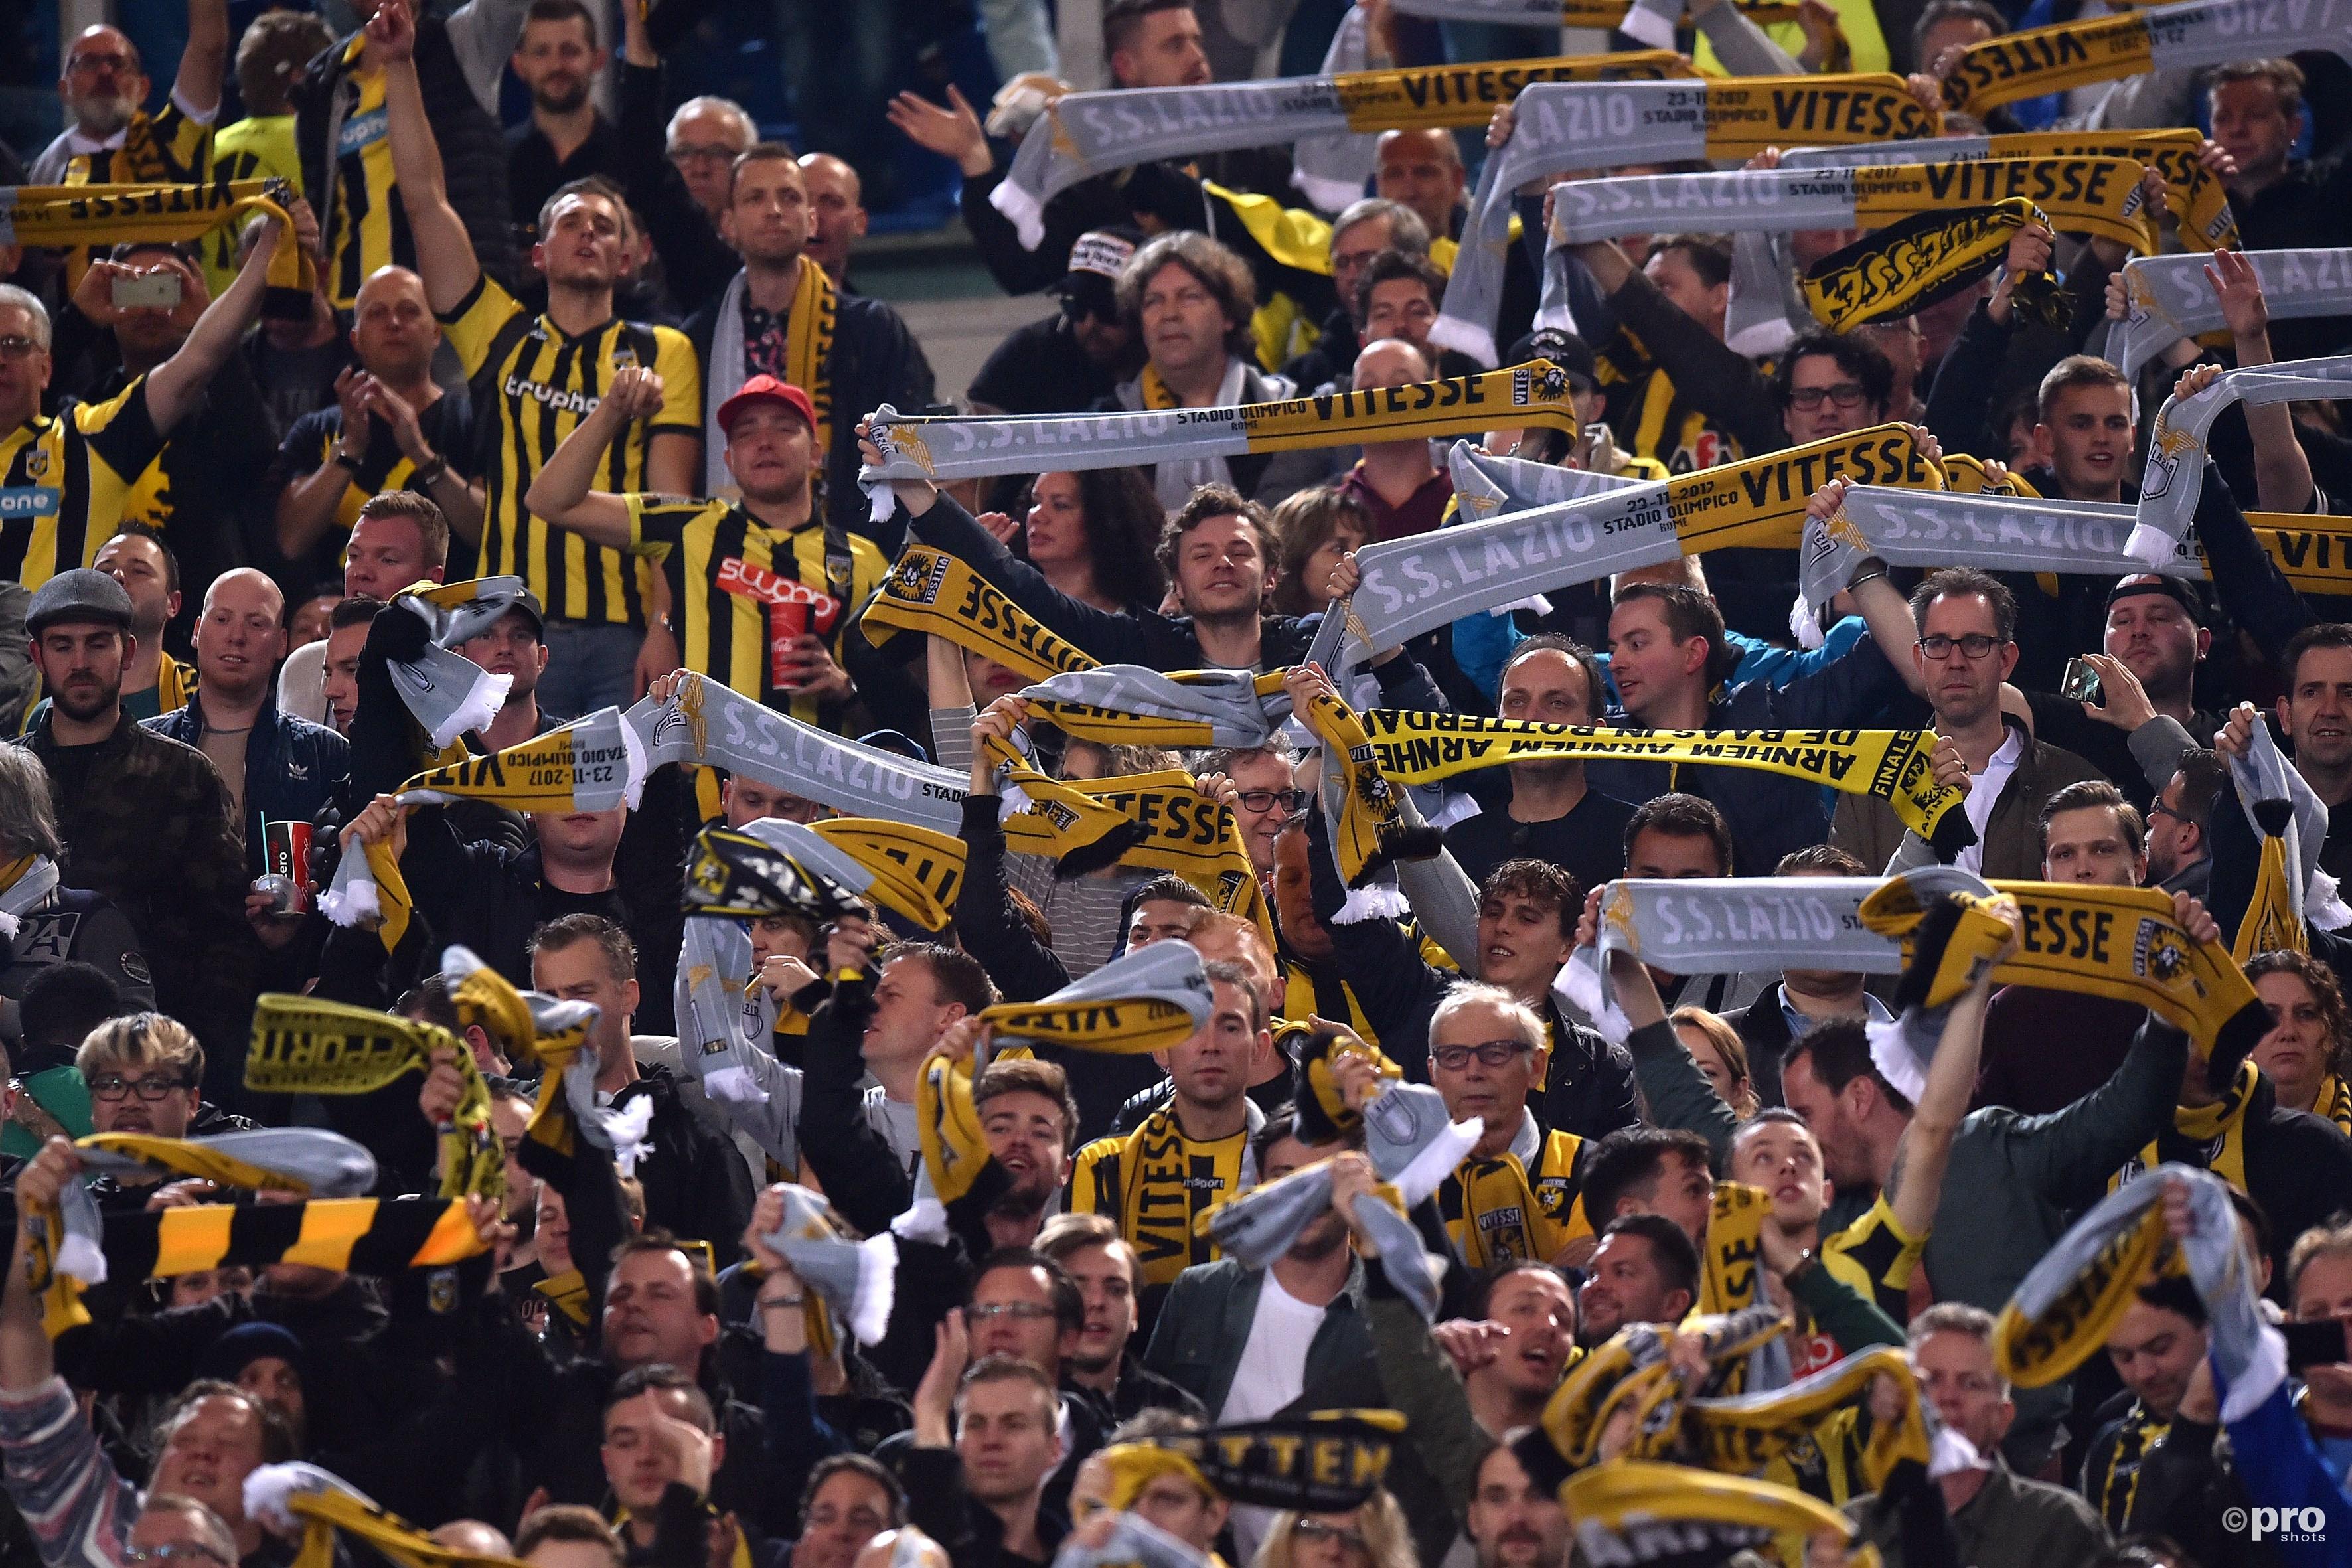 De aanhang van Vitesse in Rome. (PRO SHOTS/Insidefoto)